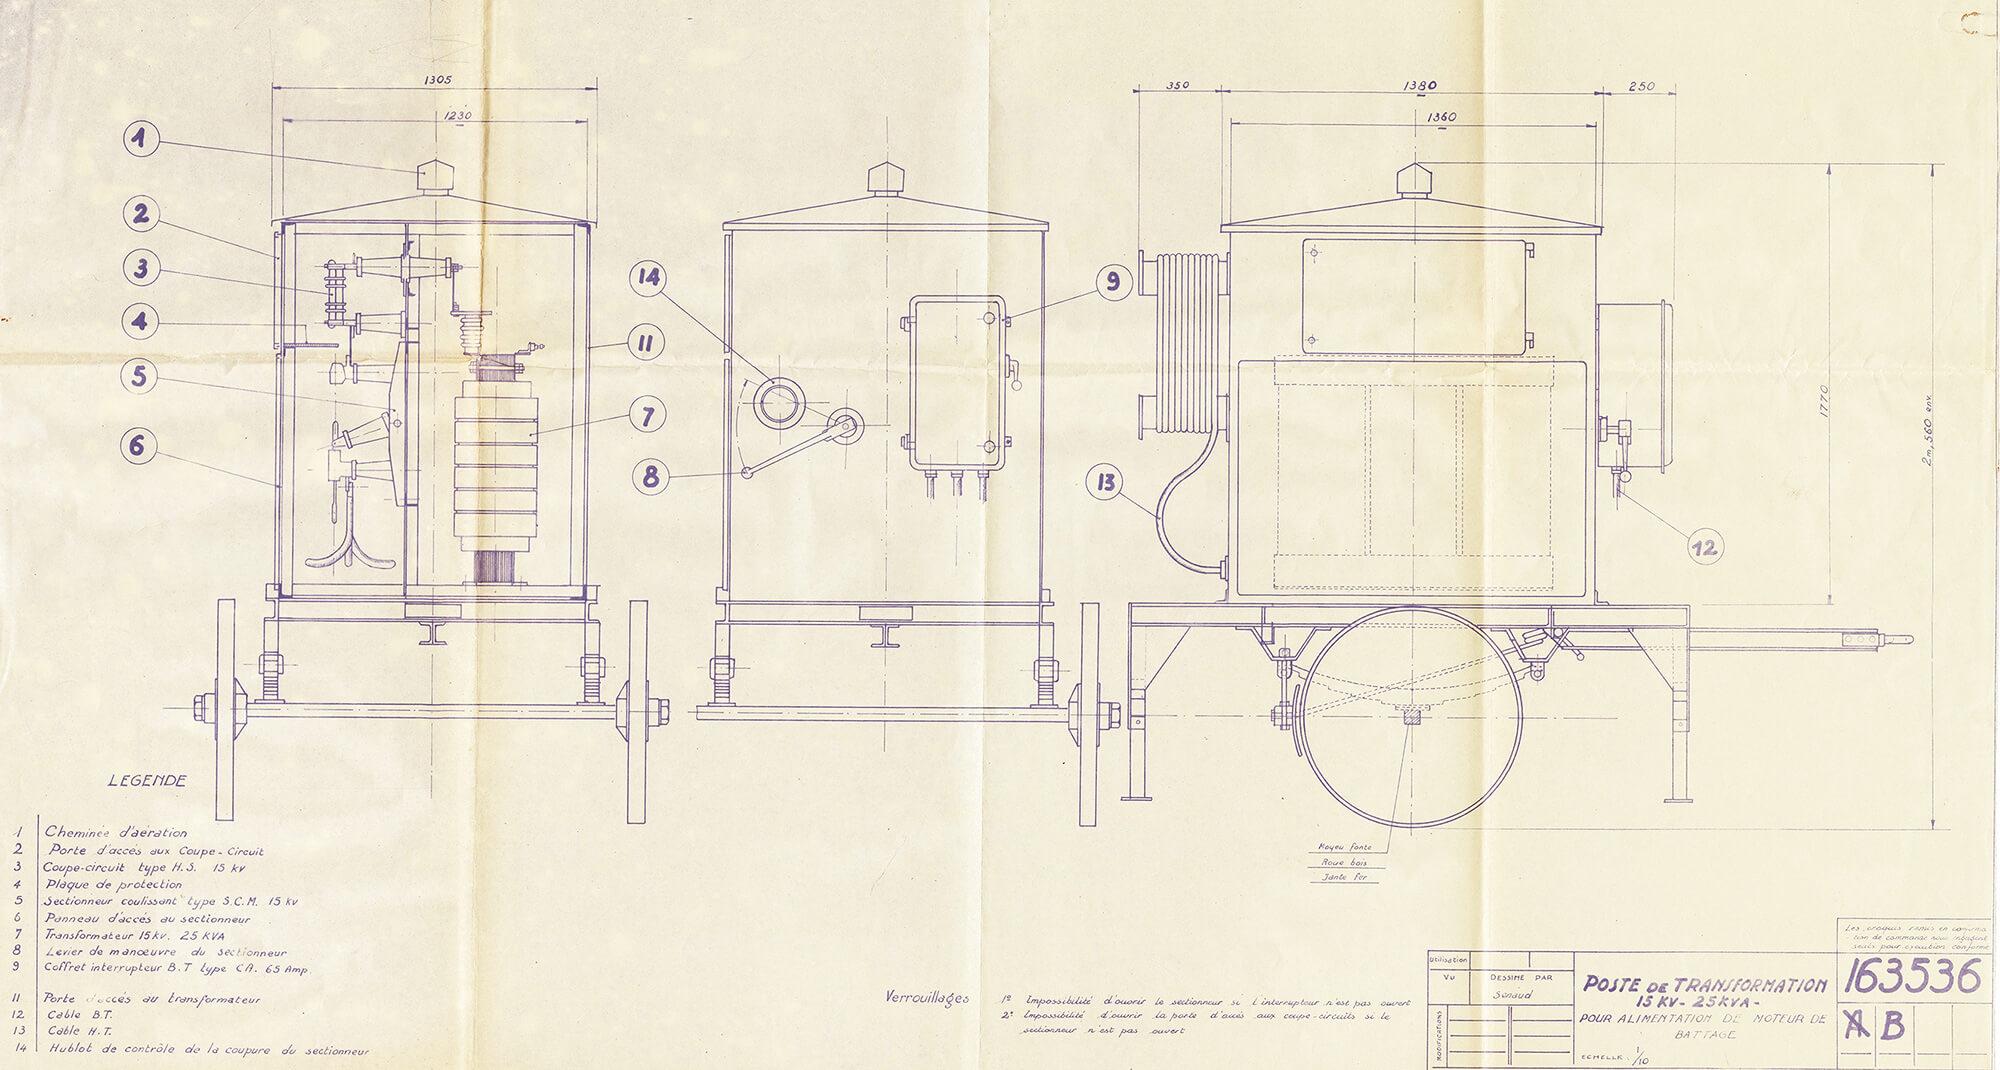 1940 – Lancement des travaux d'extension aux écarts / Adhésion de nouvelles communes